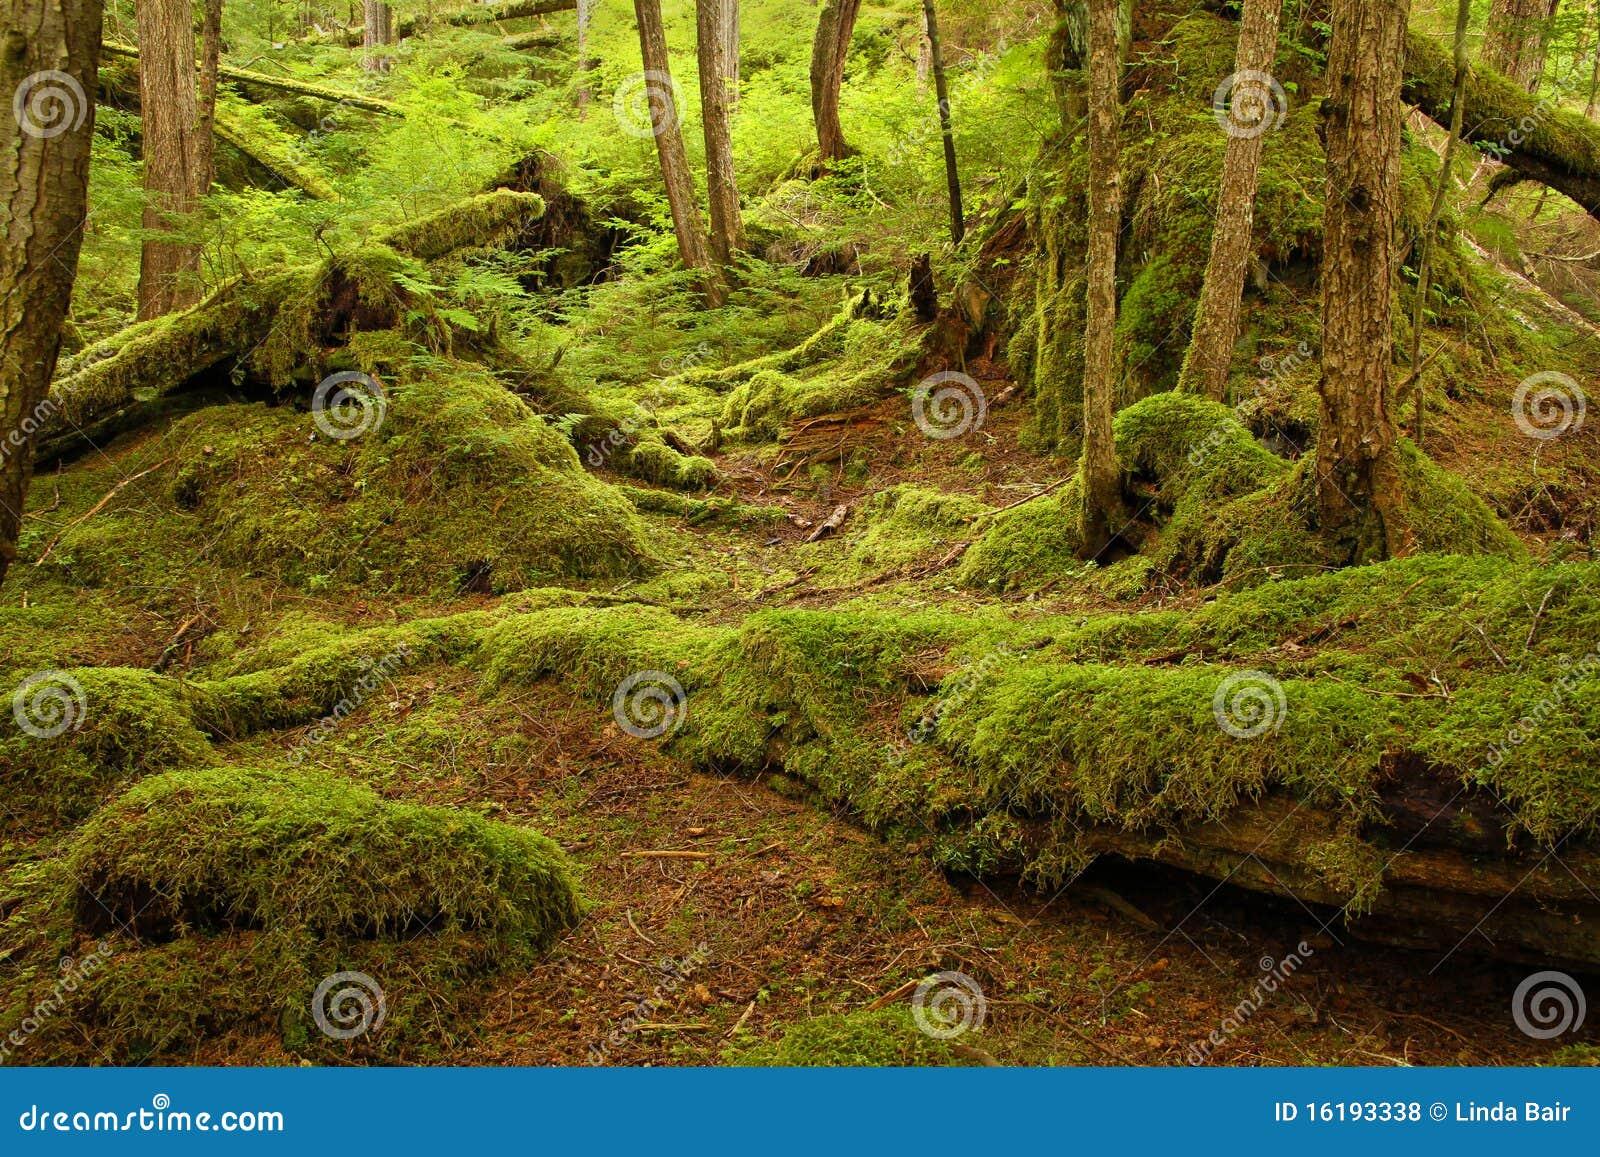 Selva tropical templada